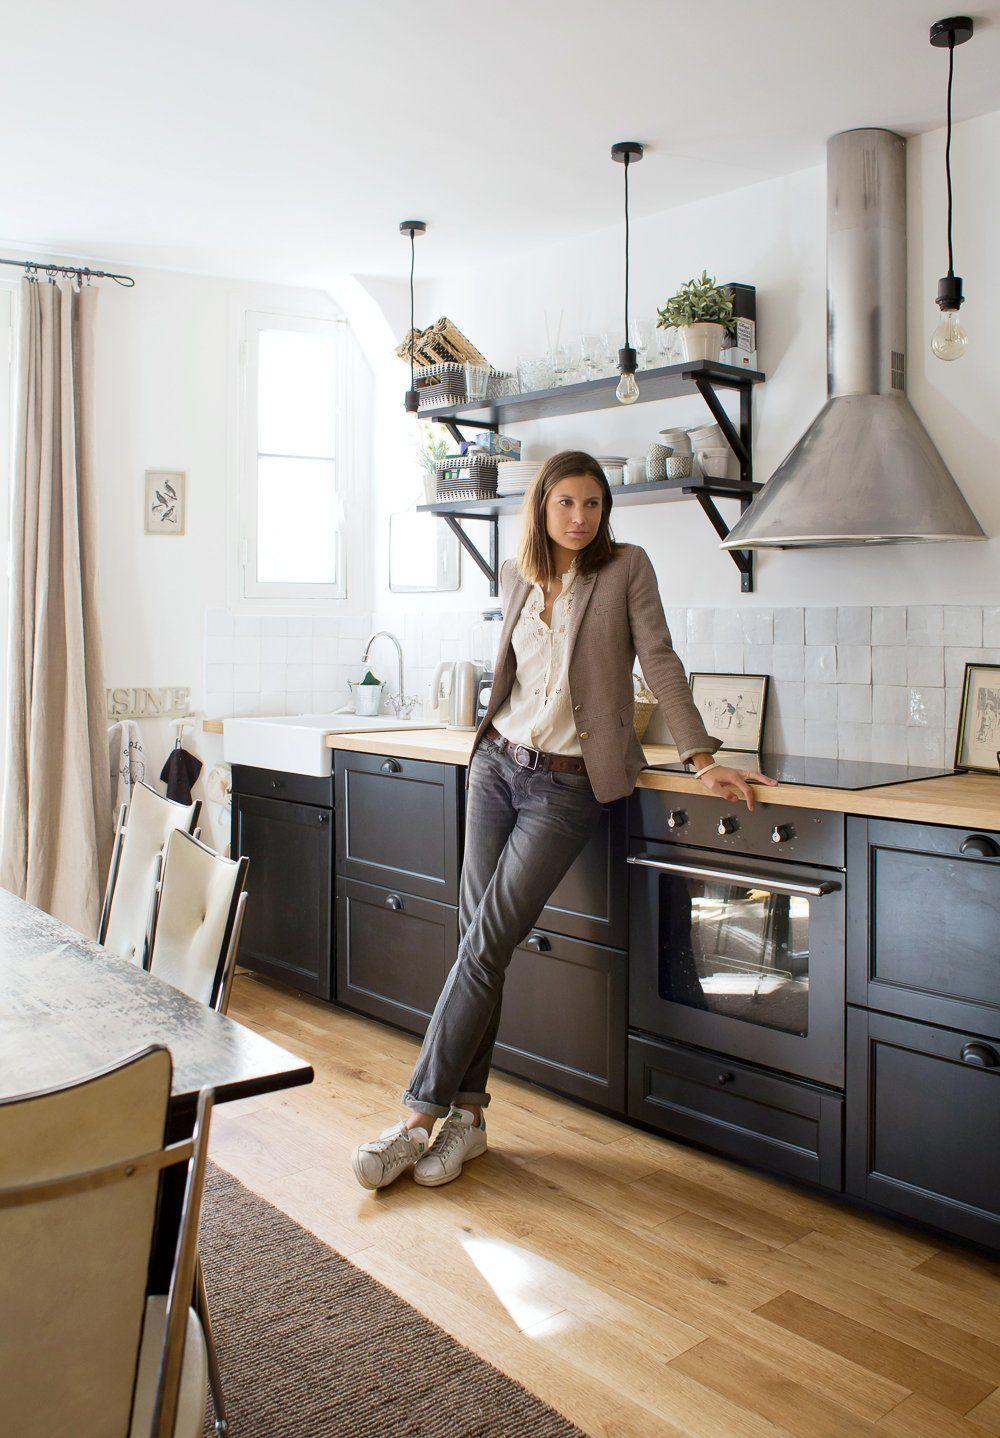 Cuisine Ikea Httpsinsideclosetcomblogcategorielesfilles - Meuble cuisine ikea pour idees de deco de cuisine